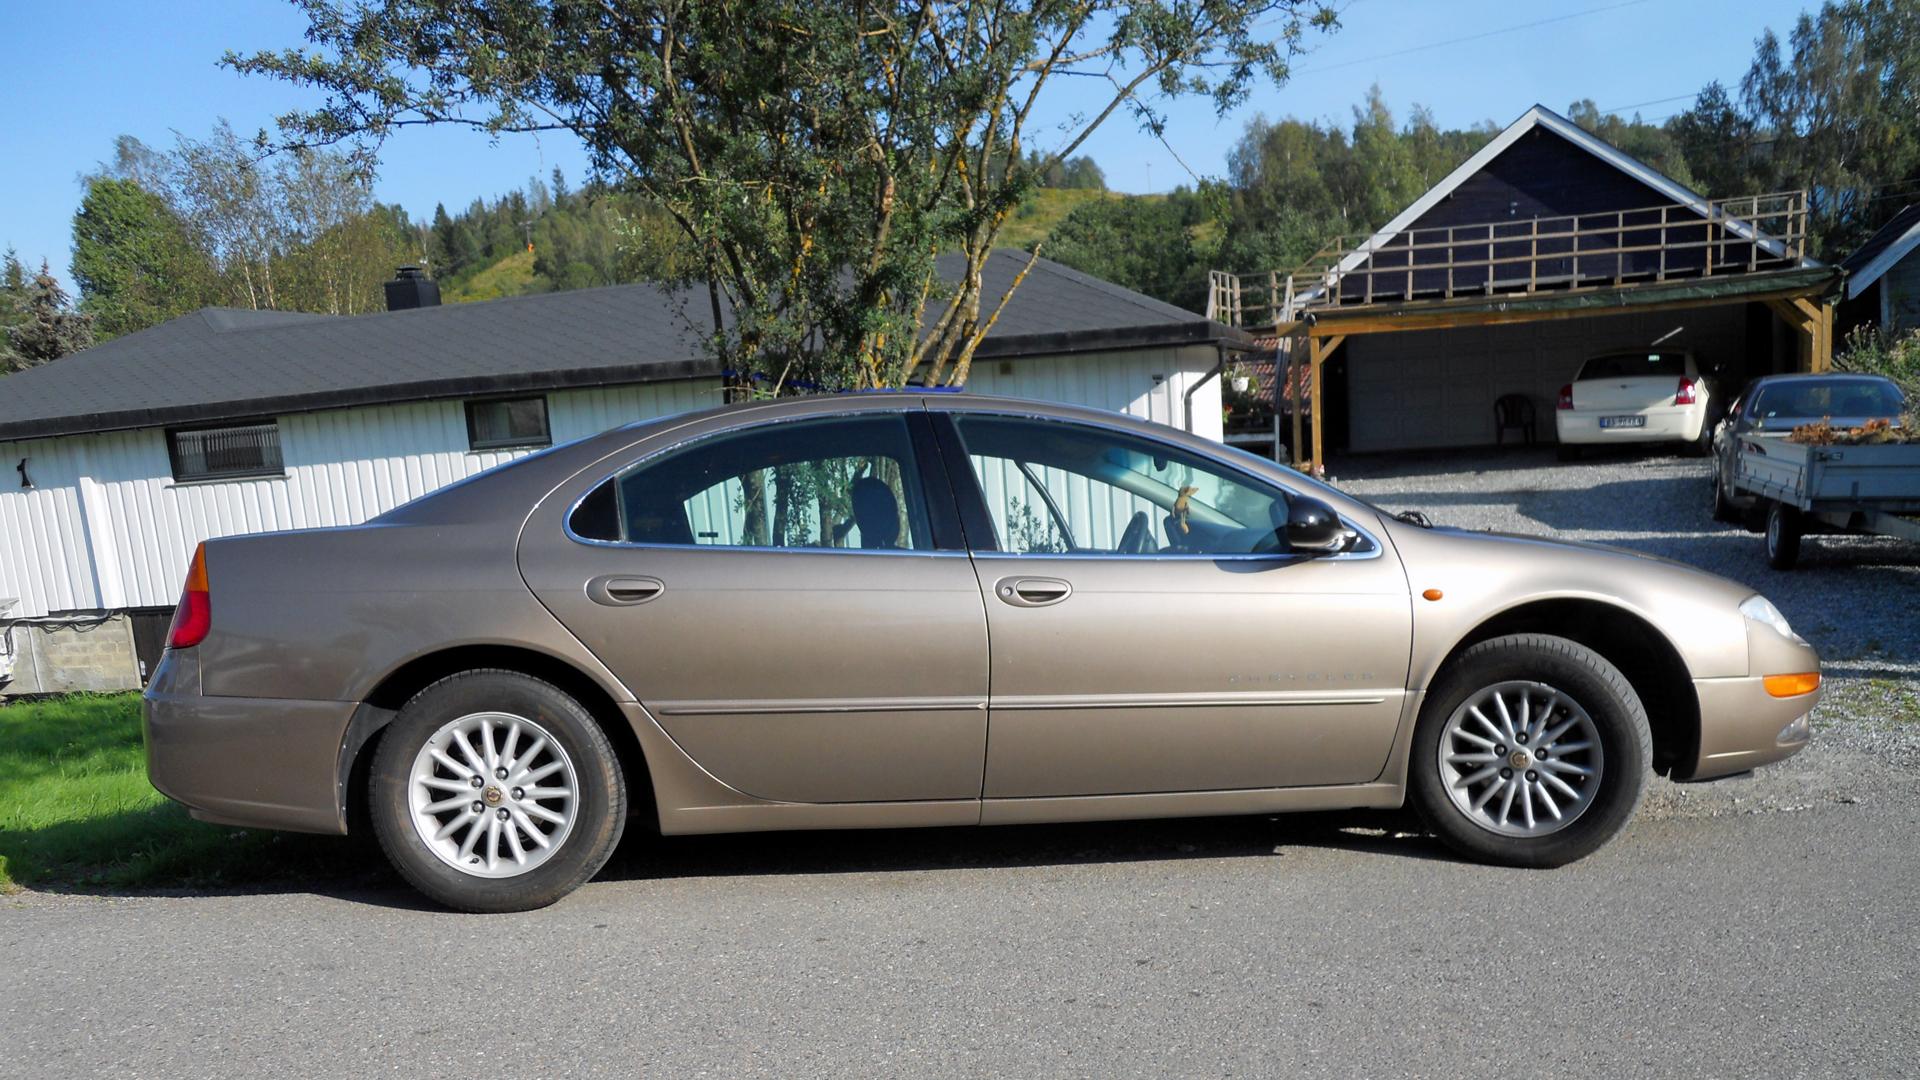 131-2000 Chrysler 300M 02. Eier- medlem 131 Famili